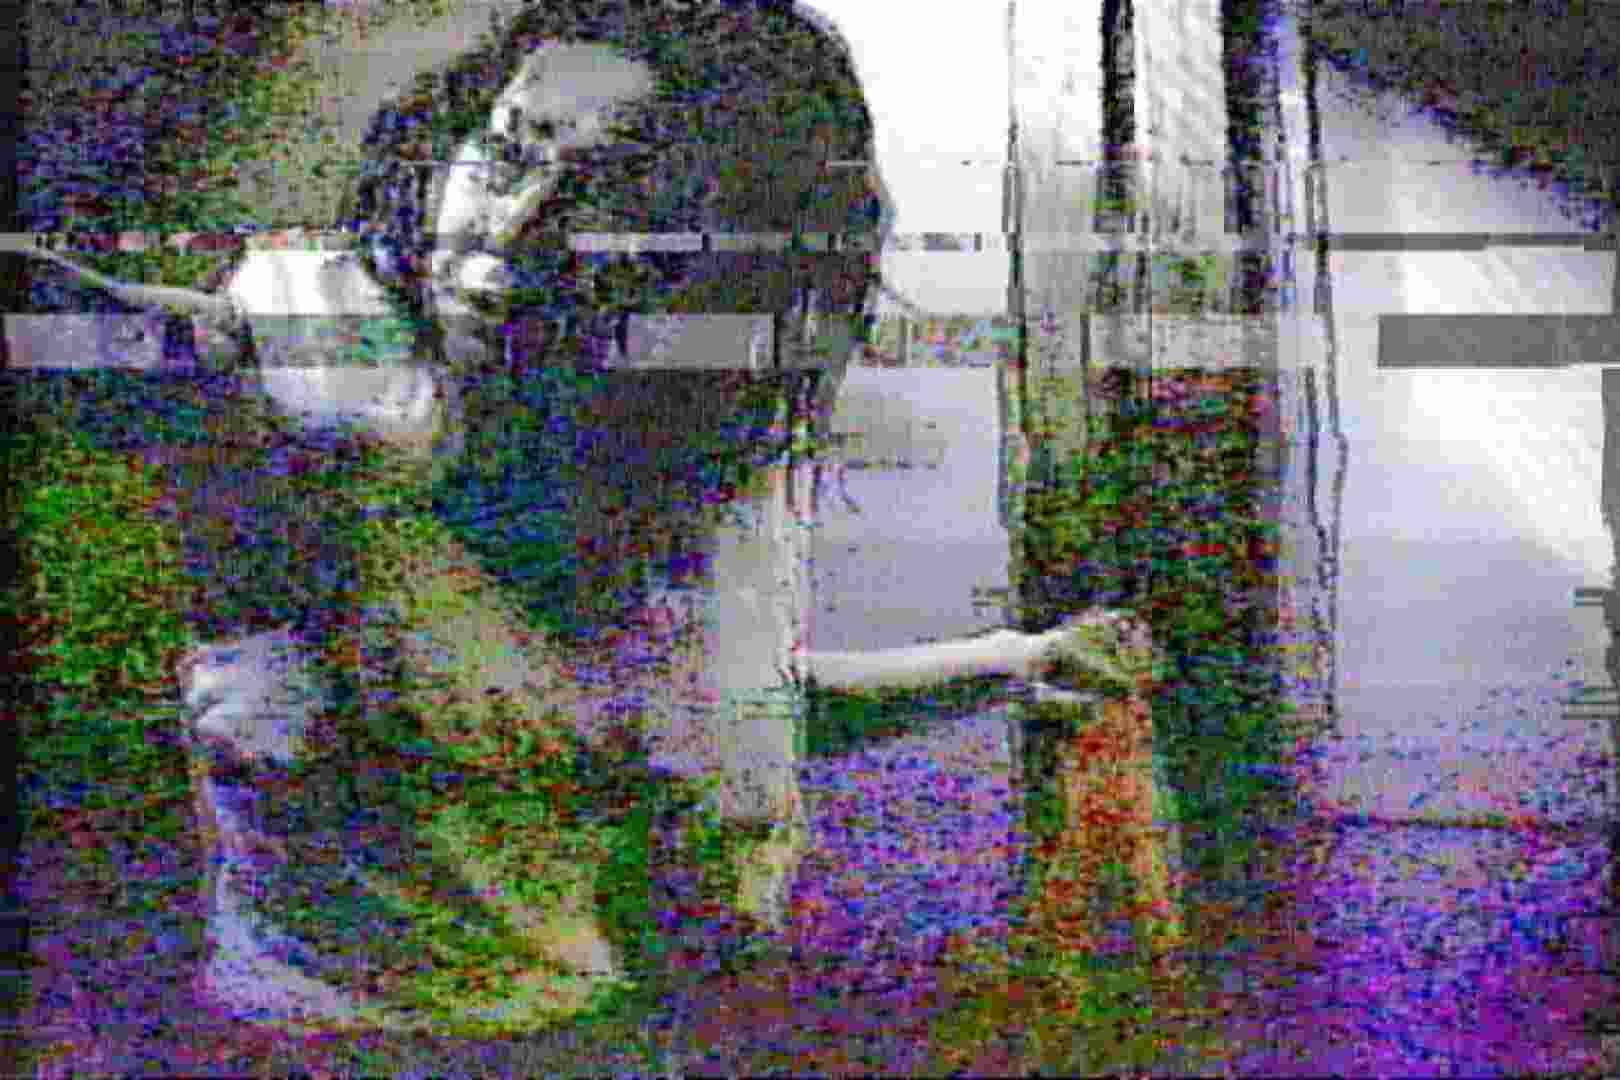 海の家の更衣室 Vol.17 シャワー室 アダルト動画キャプチャ 102枚 21